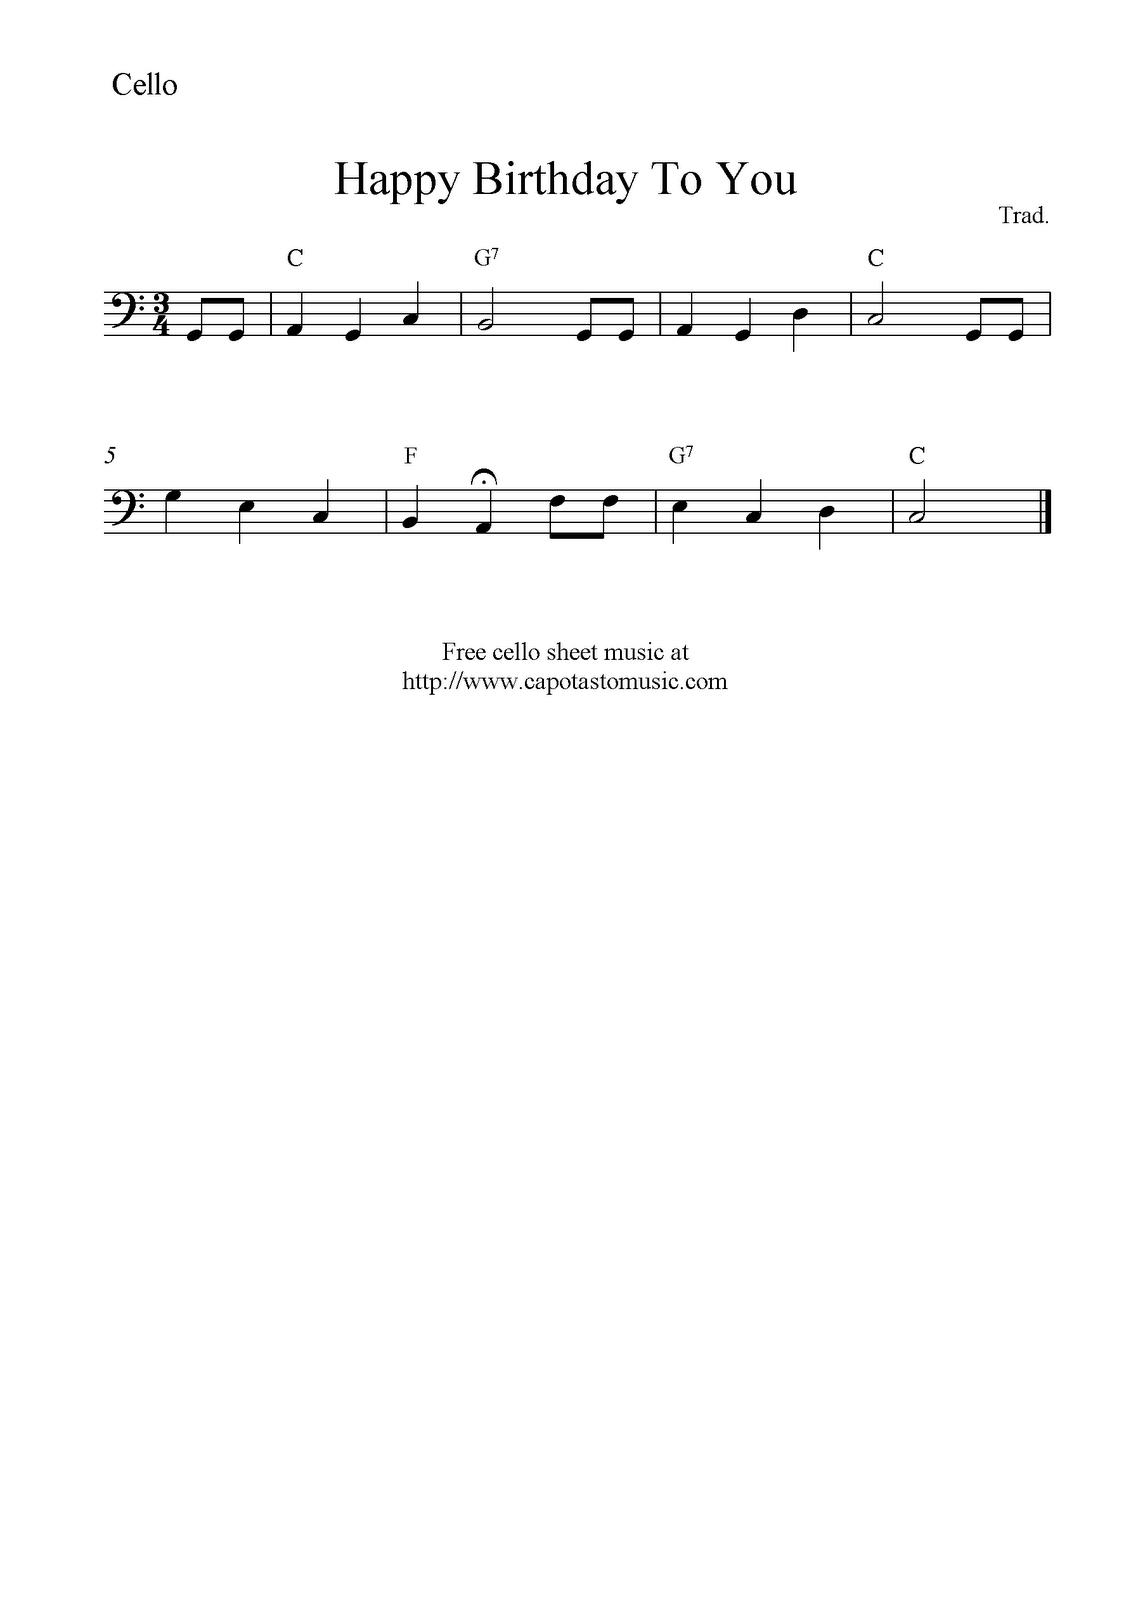 Happy Birthday To You, Free Cello Sheet Music Notes (Mit mit Happy Birthday Noten Akkordeon